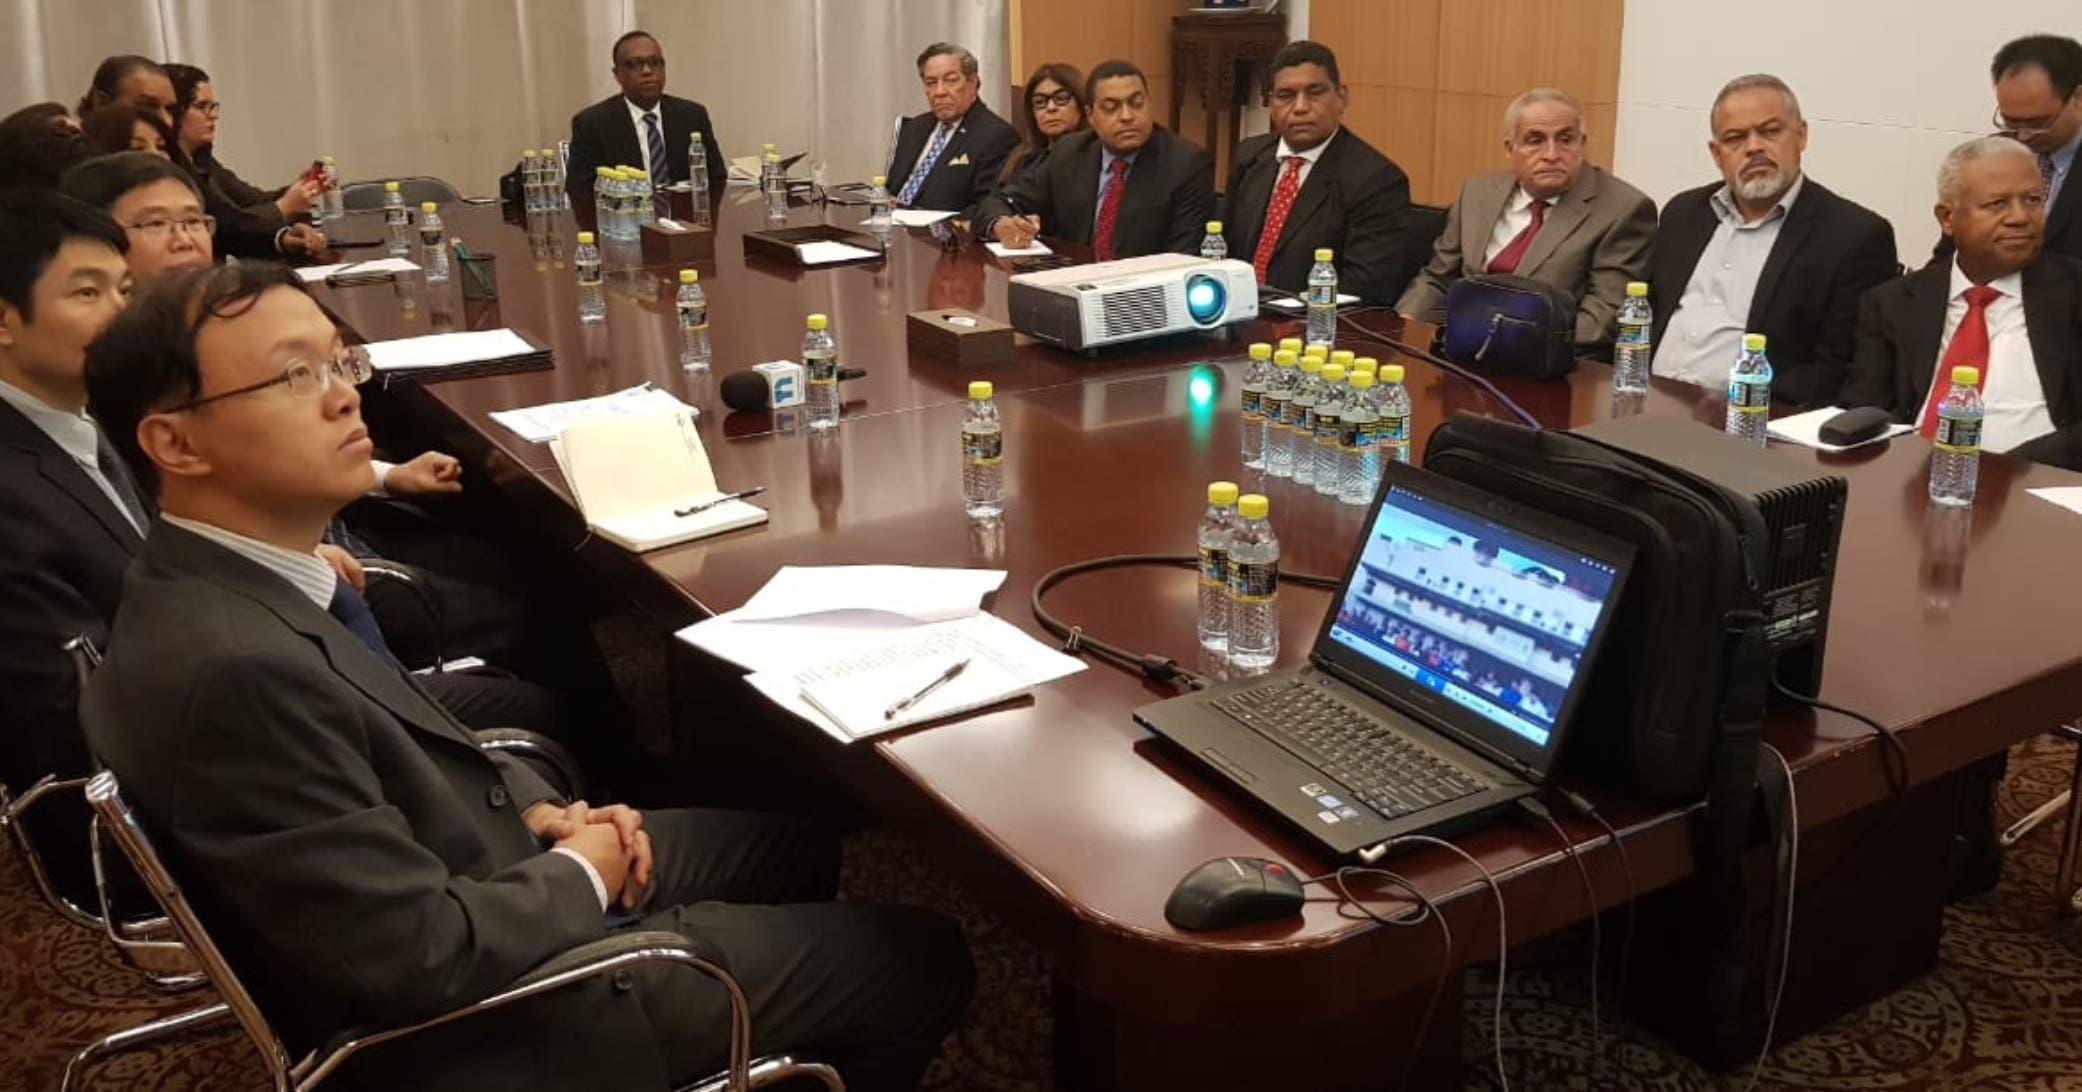 Funcionarios de China ofrecieron explicaciones sobre las relaciones con República Dominicana a un grupo de periodistas que visitan ese país.  fuente externa